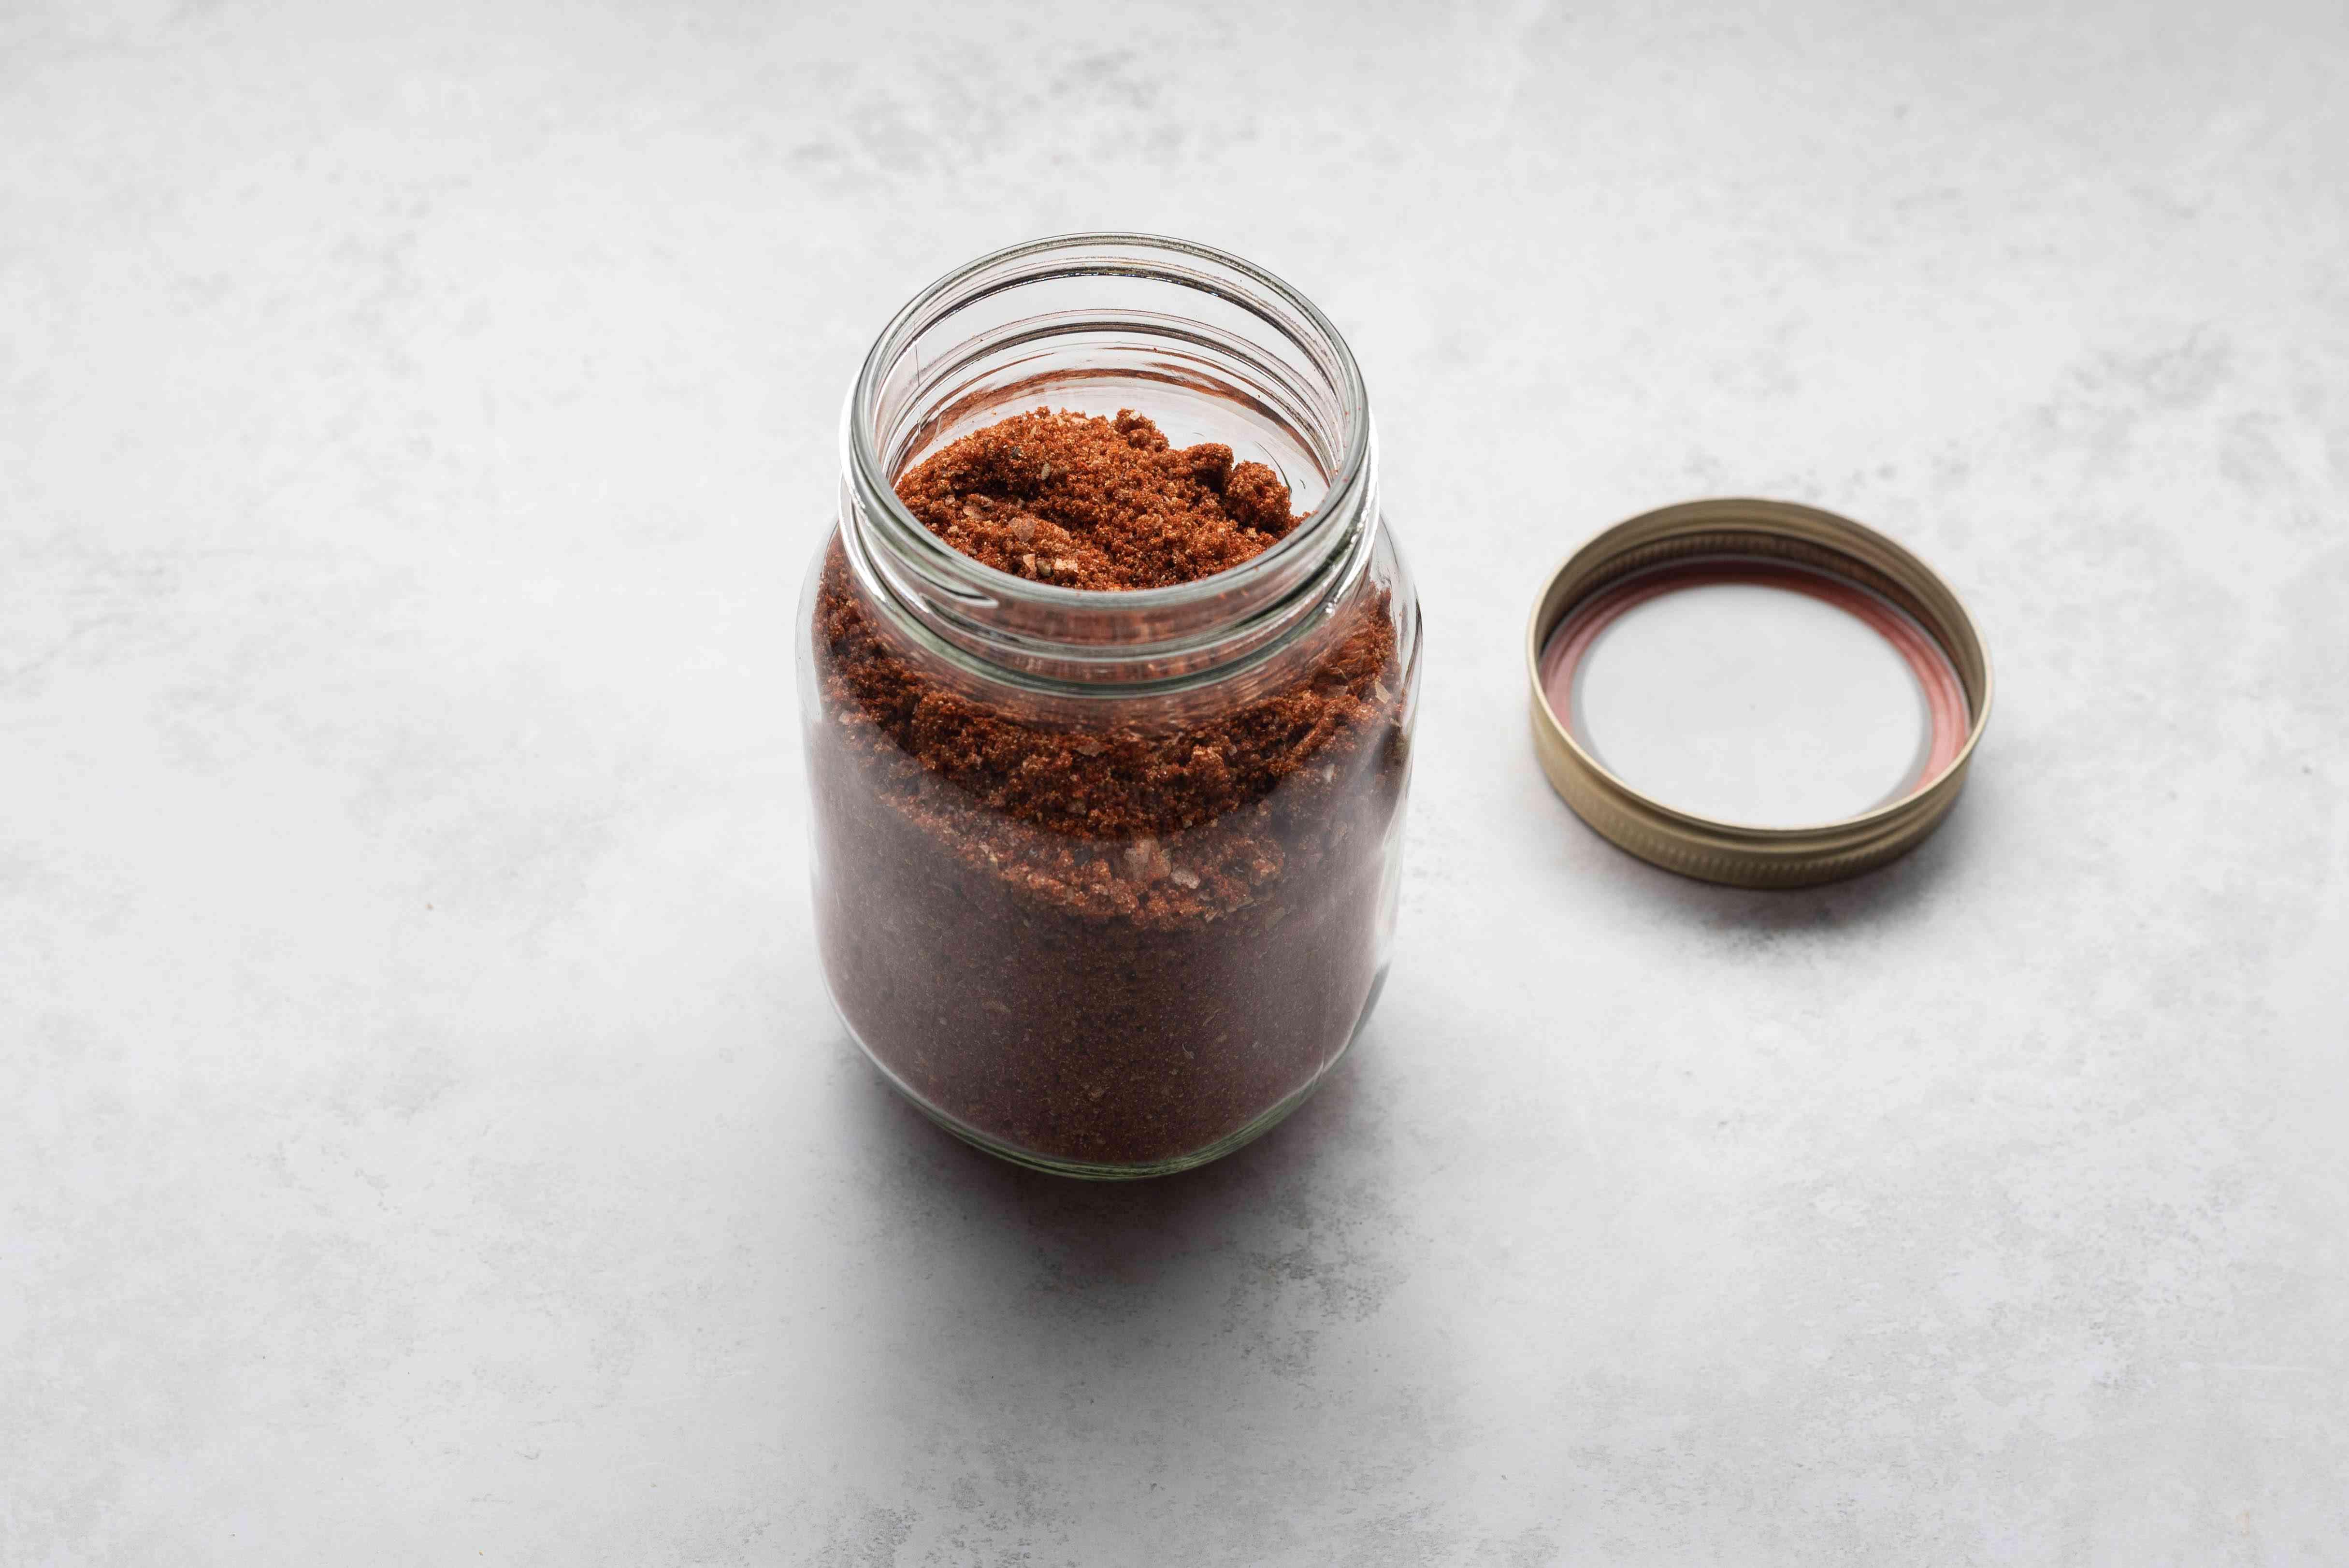 Sparerib Dry Rub in a jar